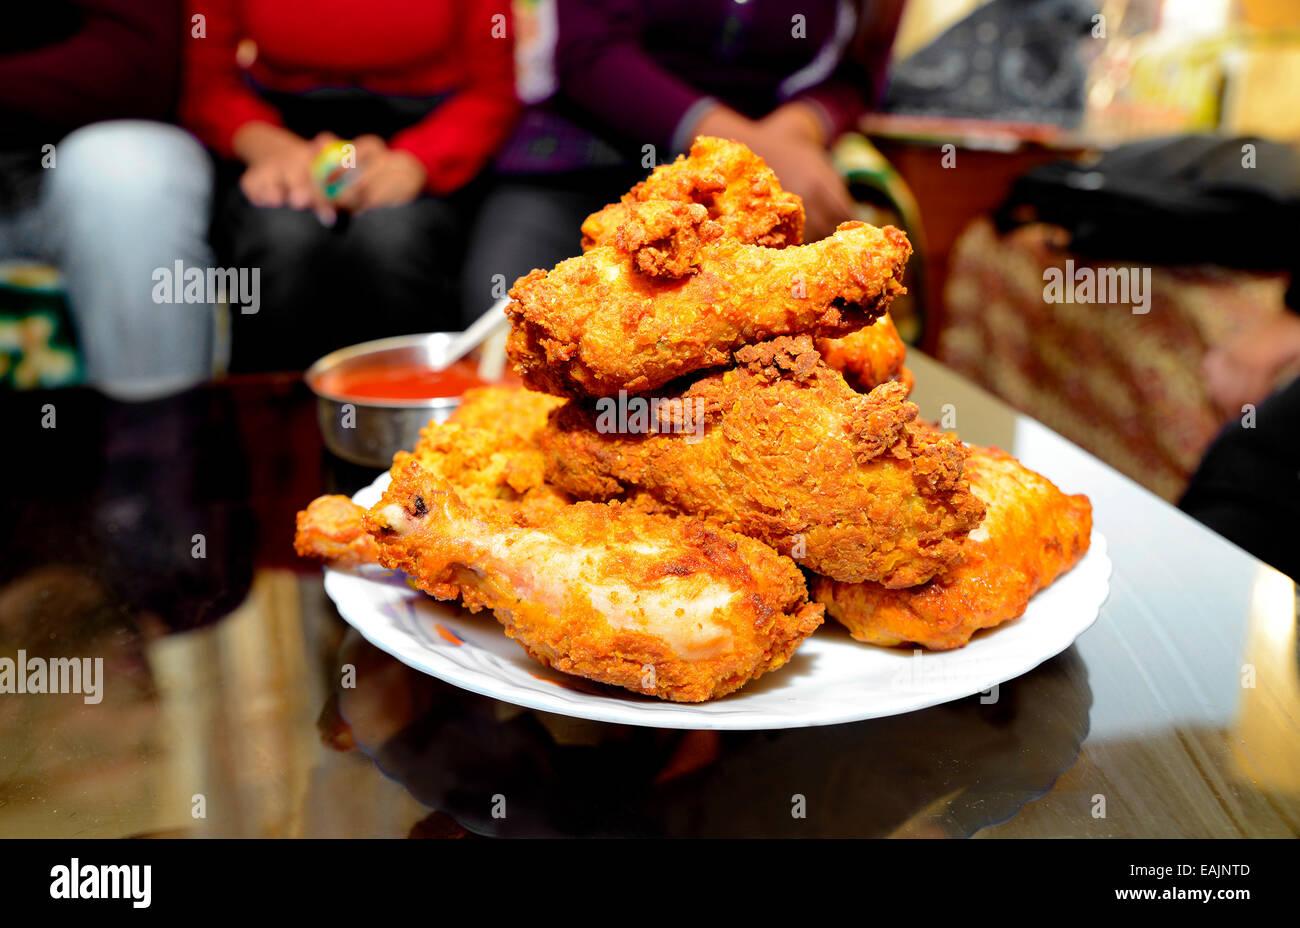 Croccante,fritto di pollo,,Buongustaio,fast-food,carne,Snack,junk-food,non vegetariane, il cibo nutriente,isolato Immagini Stock